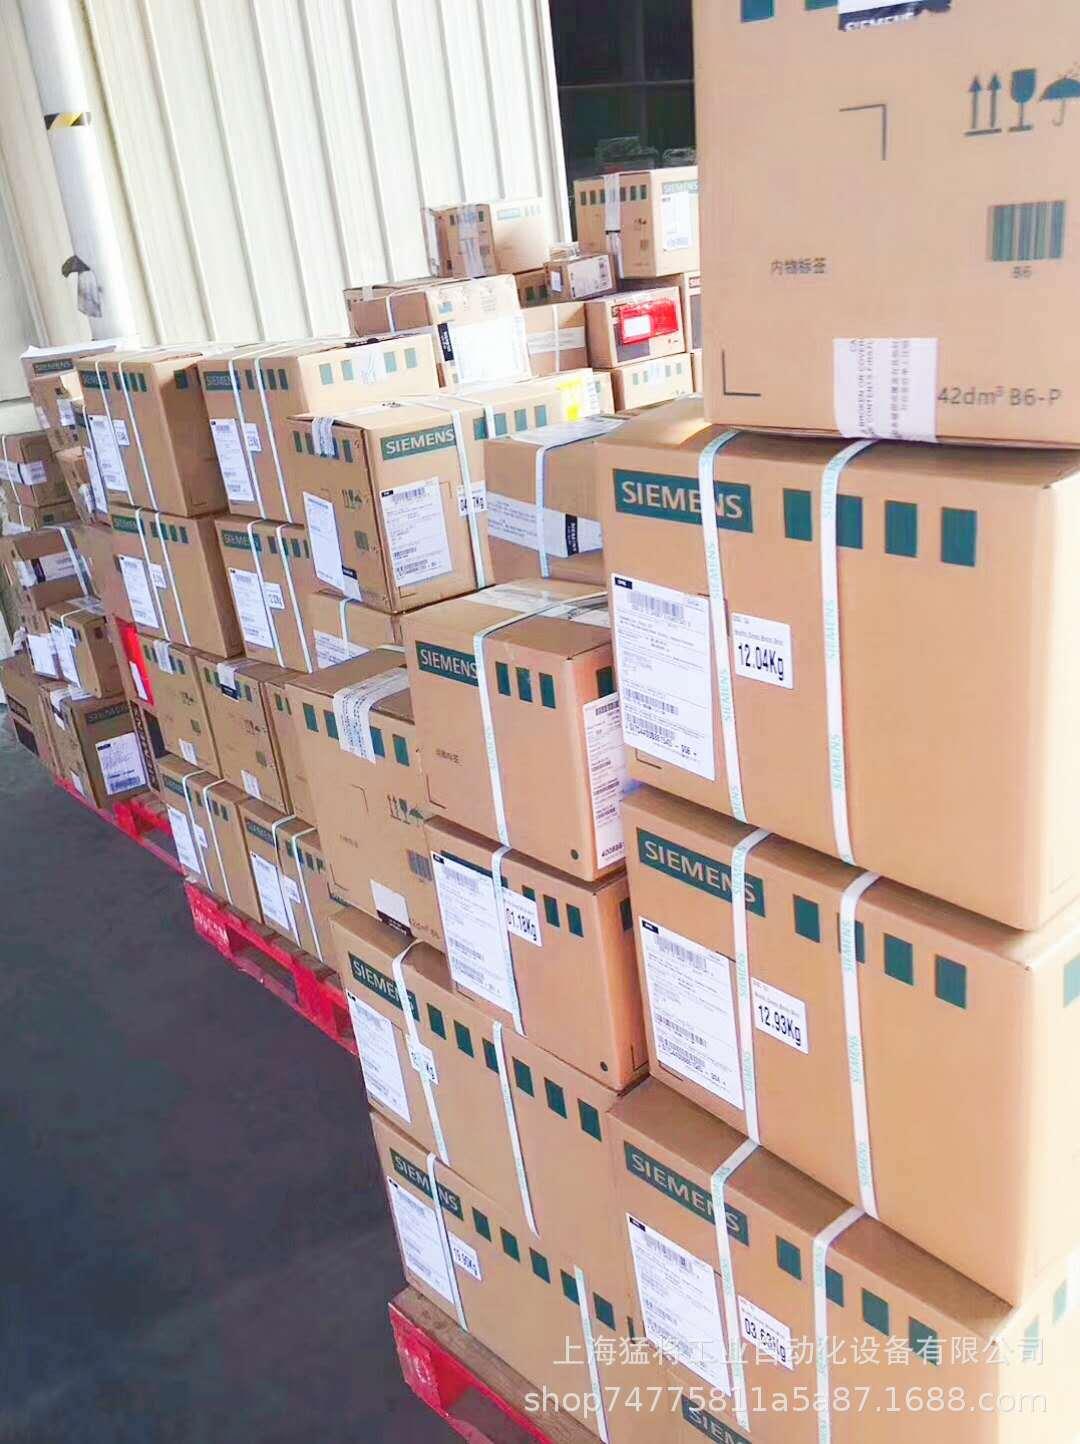 6ES7400-0HR52-4AB0 Siemens S7-400H 6ES7 400-0HR52-4AB0 điều khiển.